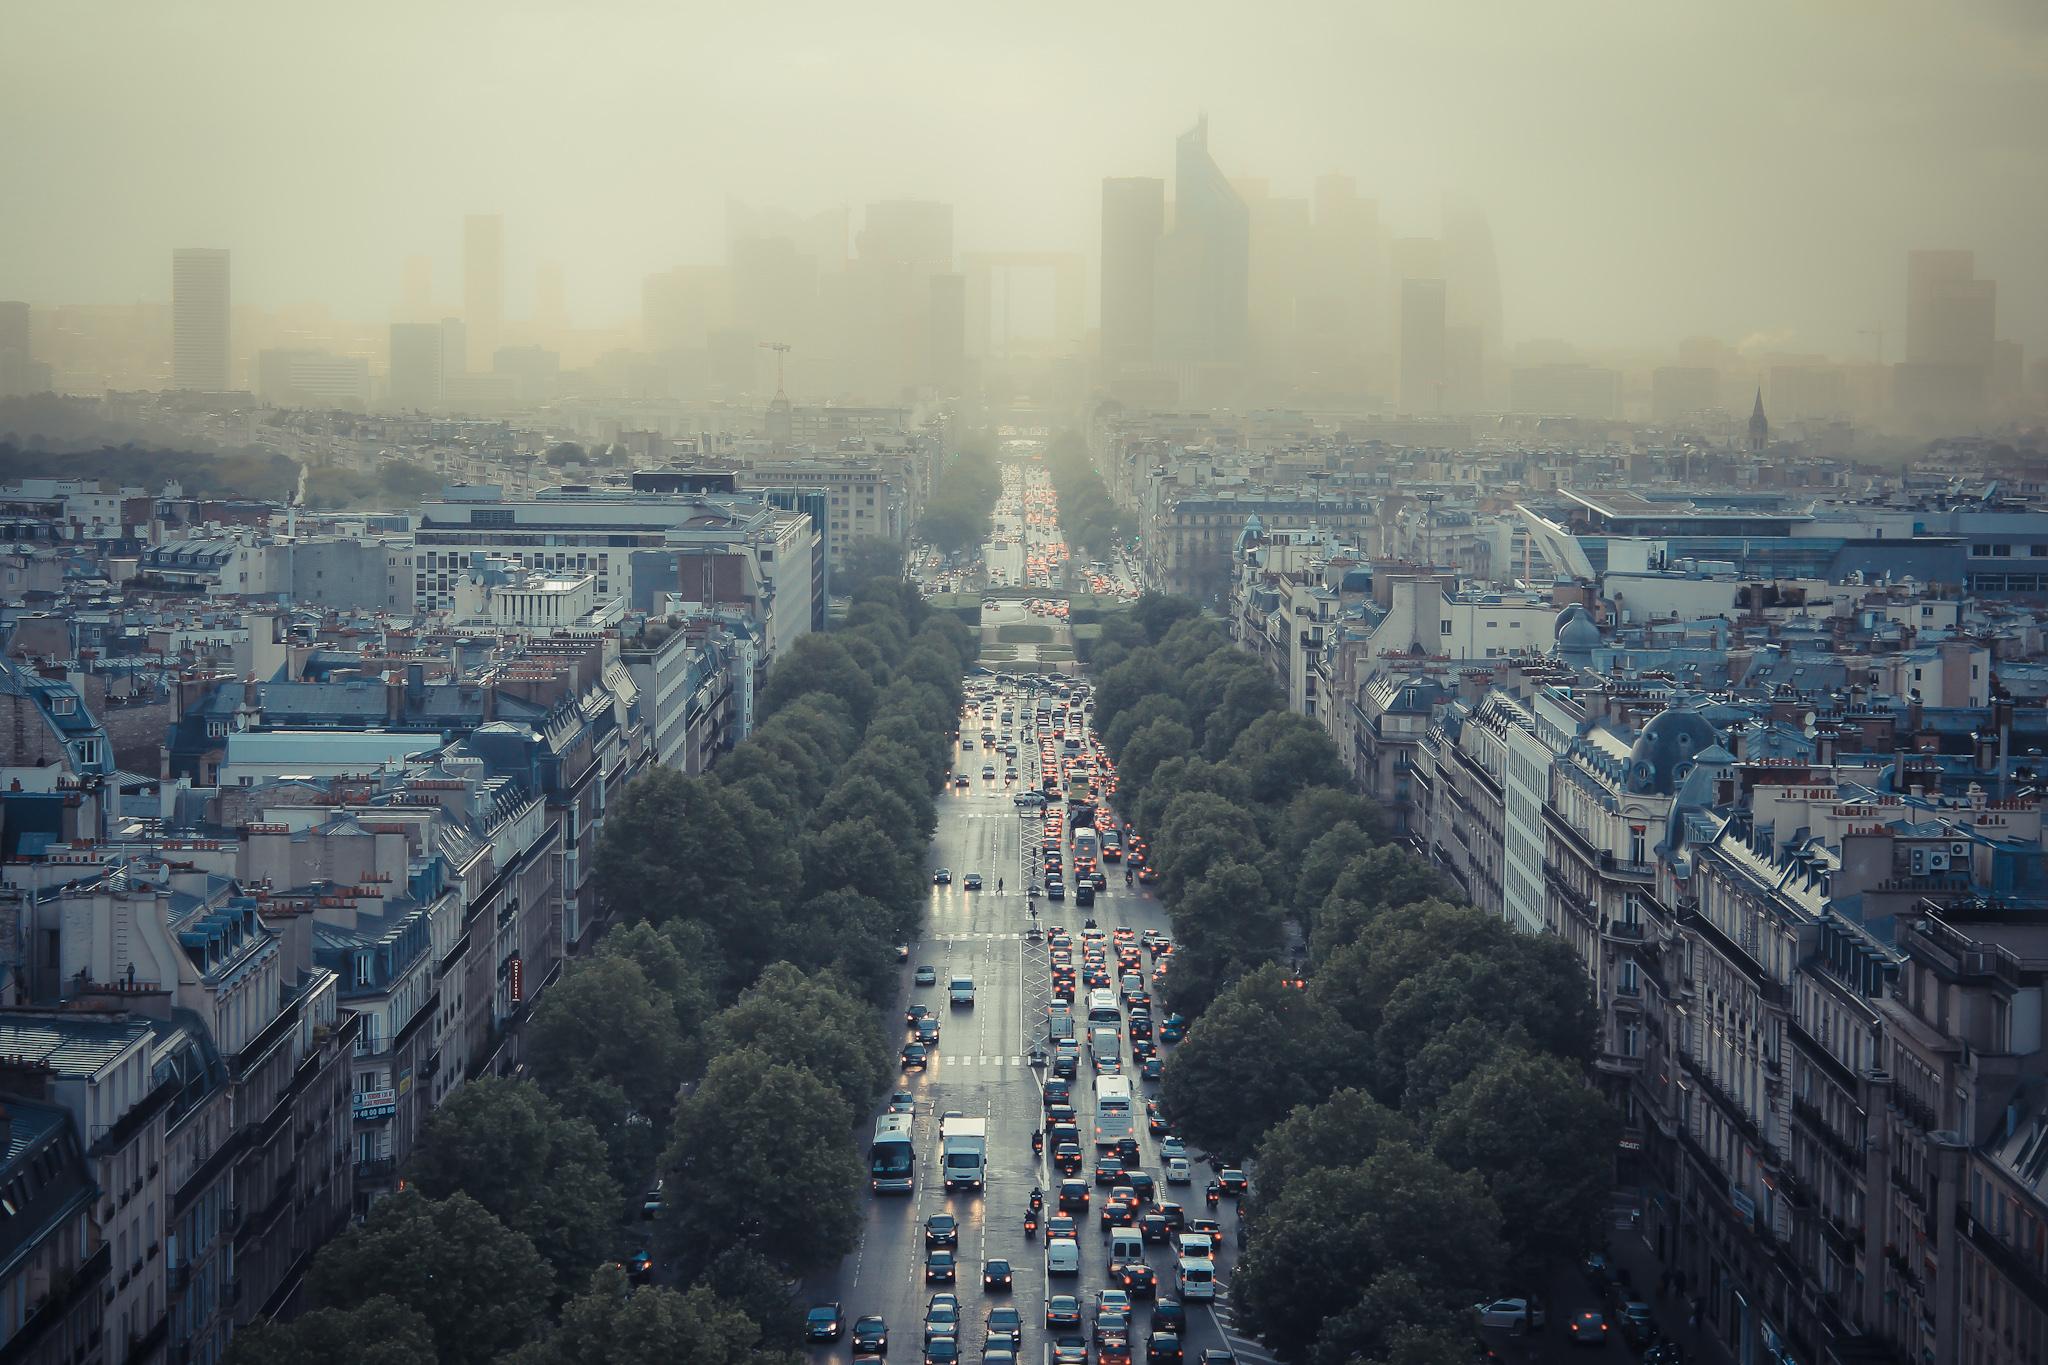 تلوث الهواء في أوروبا يتسبب بأكثر من 480 ألف وفاة مبكرة